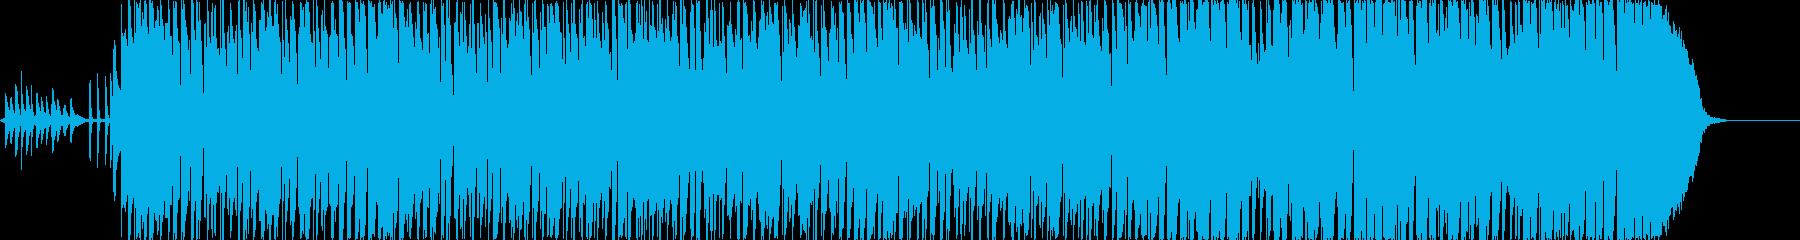 明るくほのぼのした楽しい雰囲気のBGMの再生済みの波形